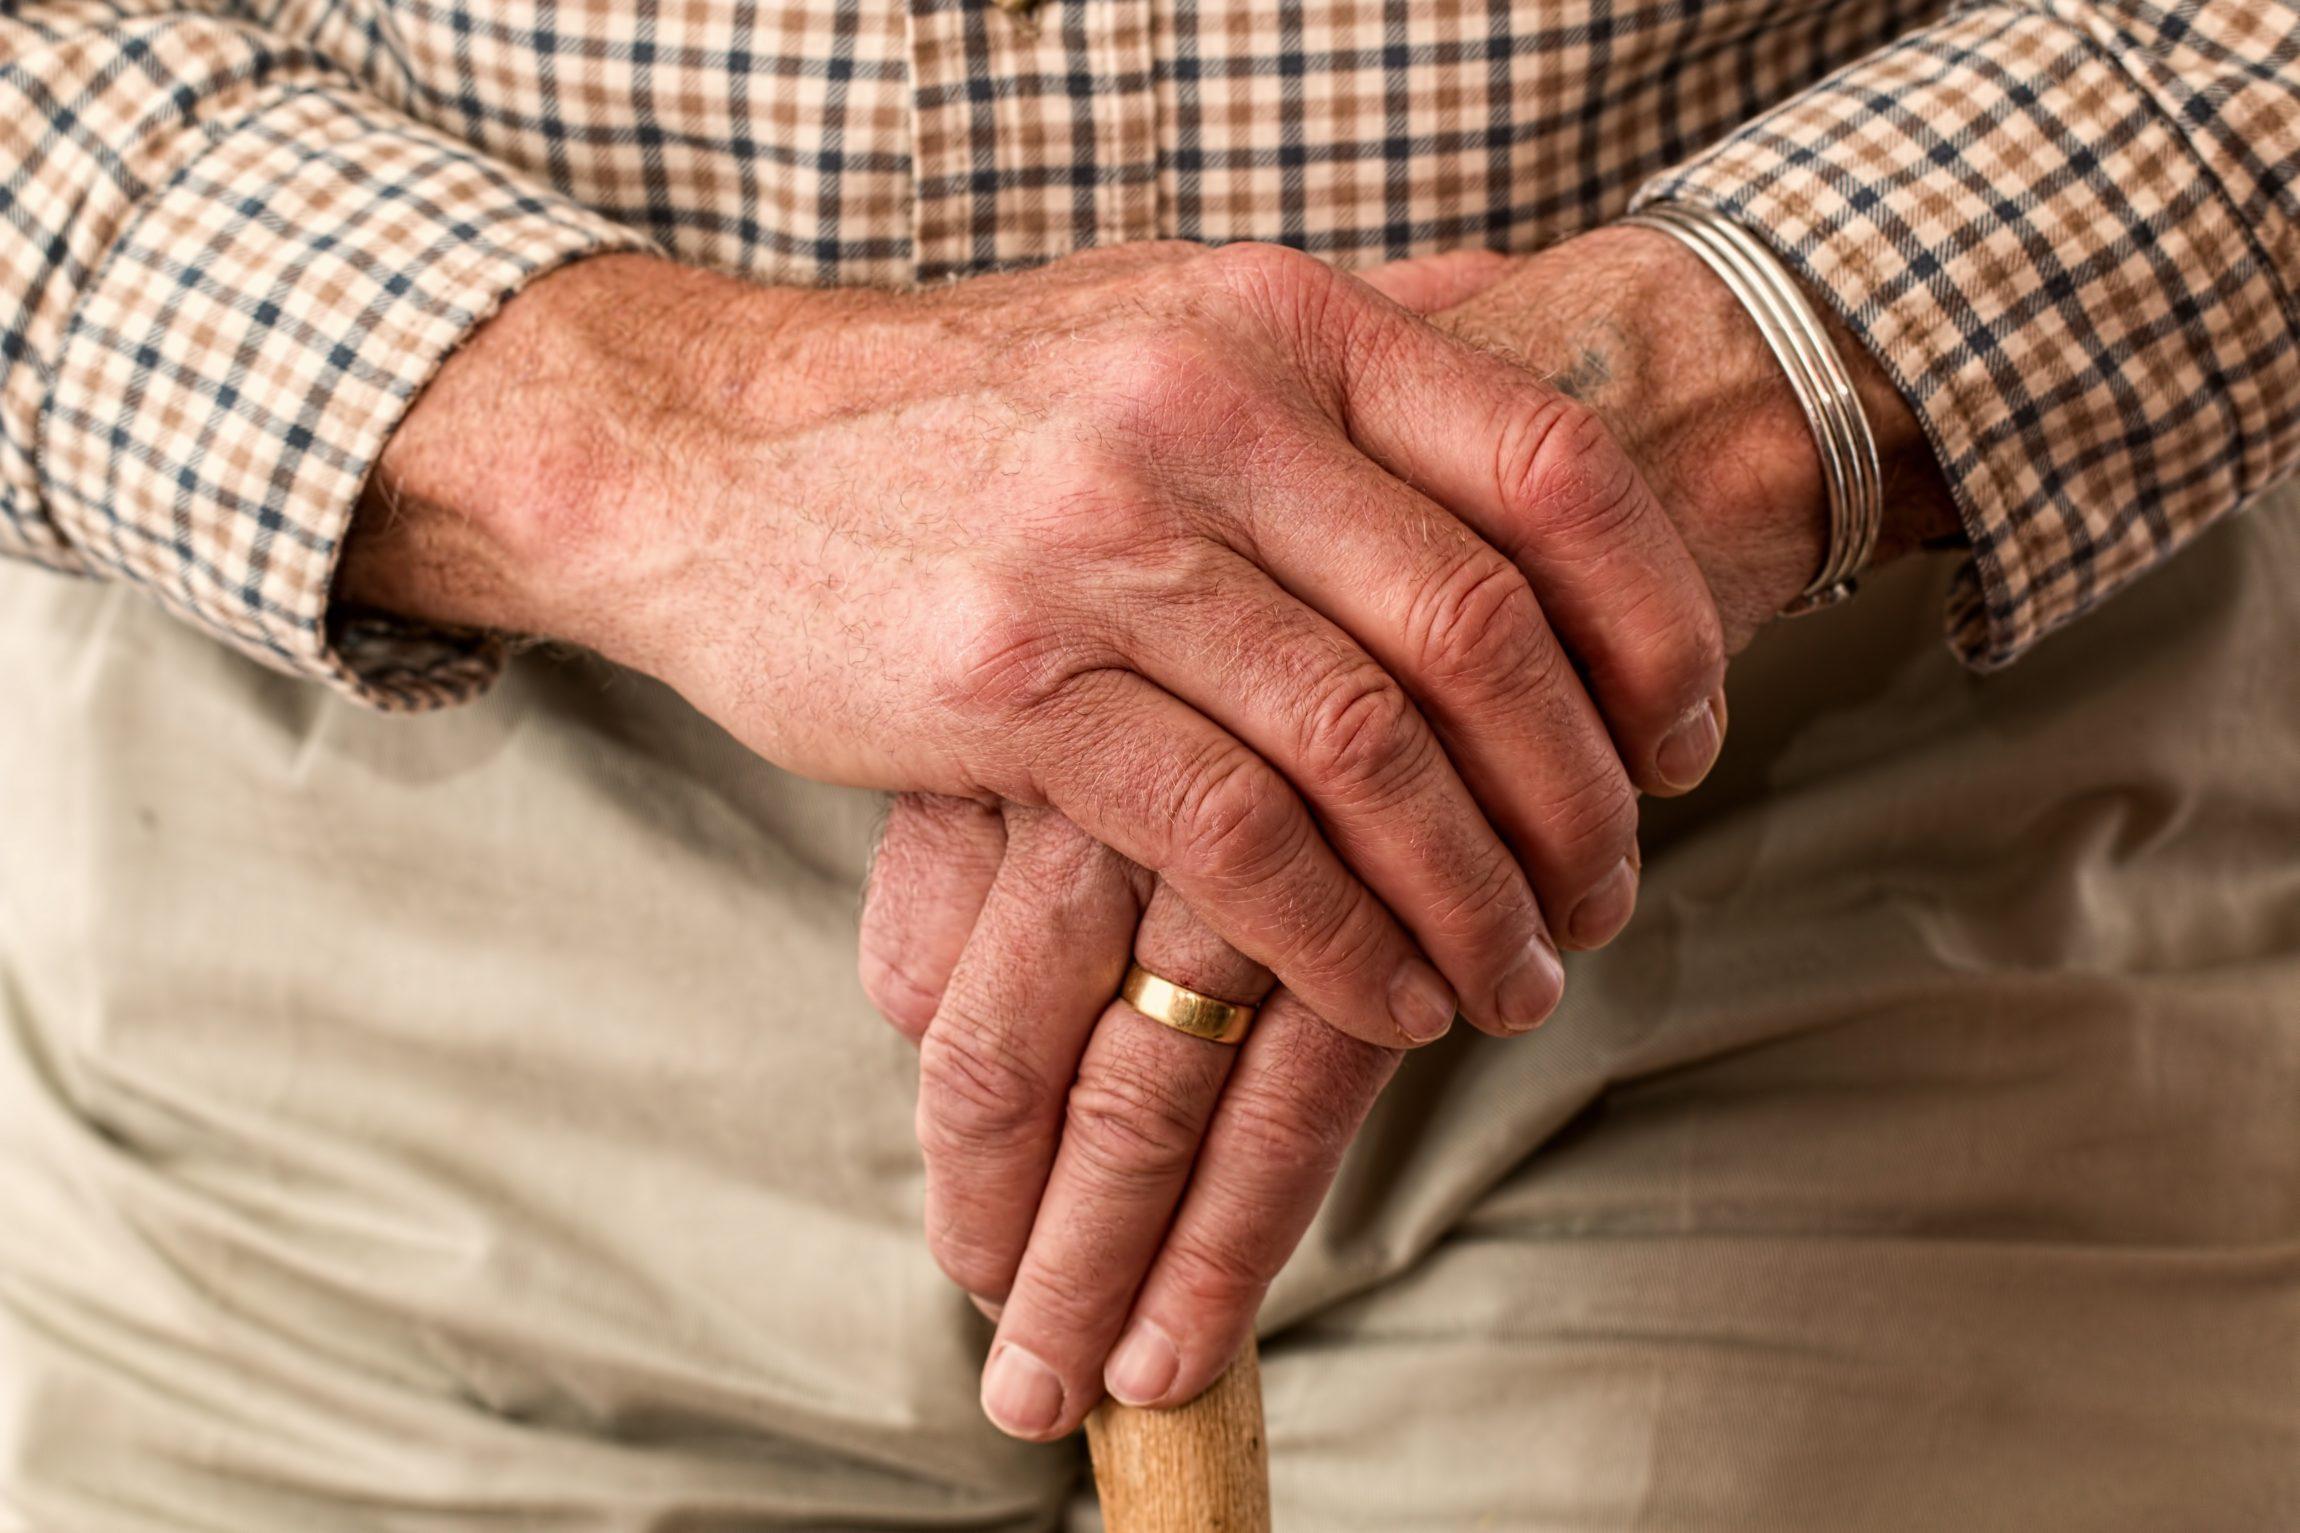 Oud worden we, met voldoende geluk, allemaal. We moeten het dus nog lang met elkaar doen. Ook met onszelf en onze omgeving. Rond ouder worden is een revolutie gaande. Een viervoudige. (1) Het aantal ouderen wordt in rap tempo groter. Rond 2040 zal een op de vier inwoners van Nederland ouder zijn dan 65. (2) […]